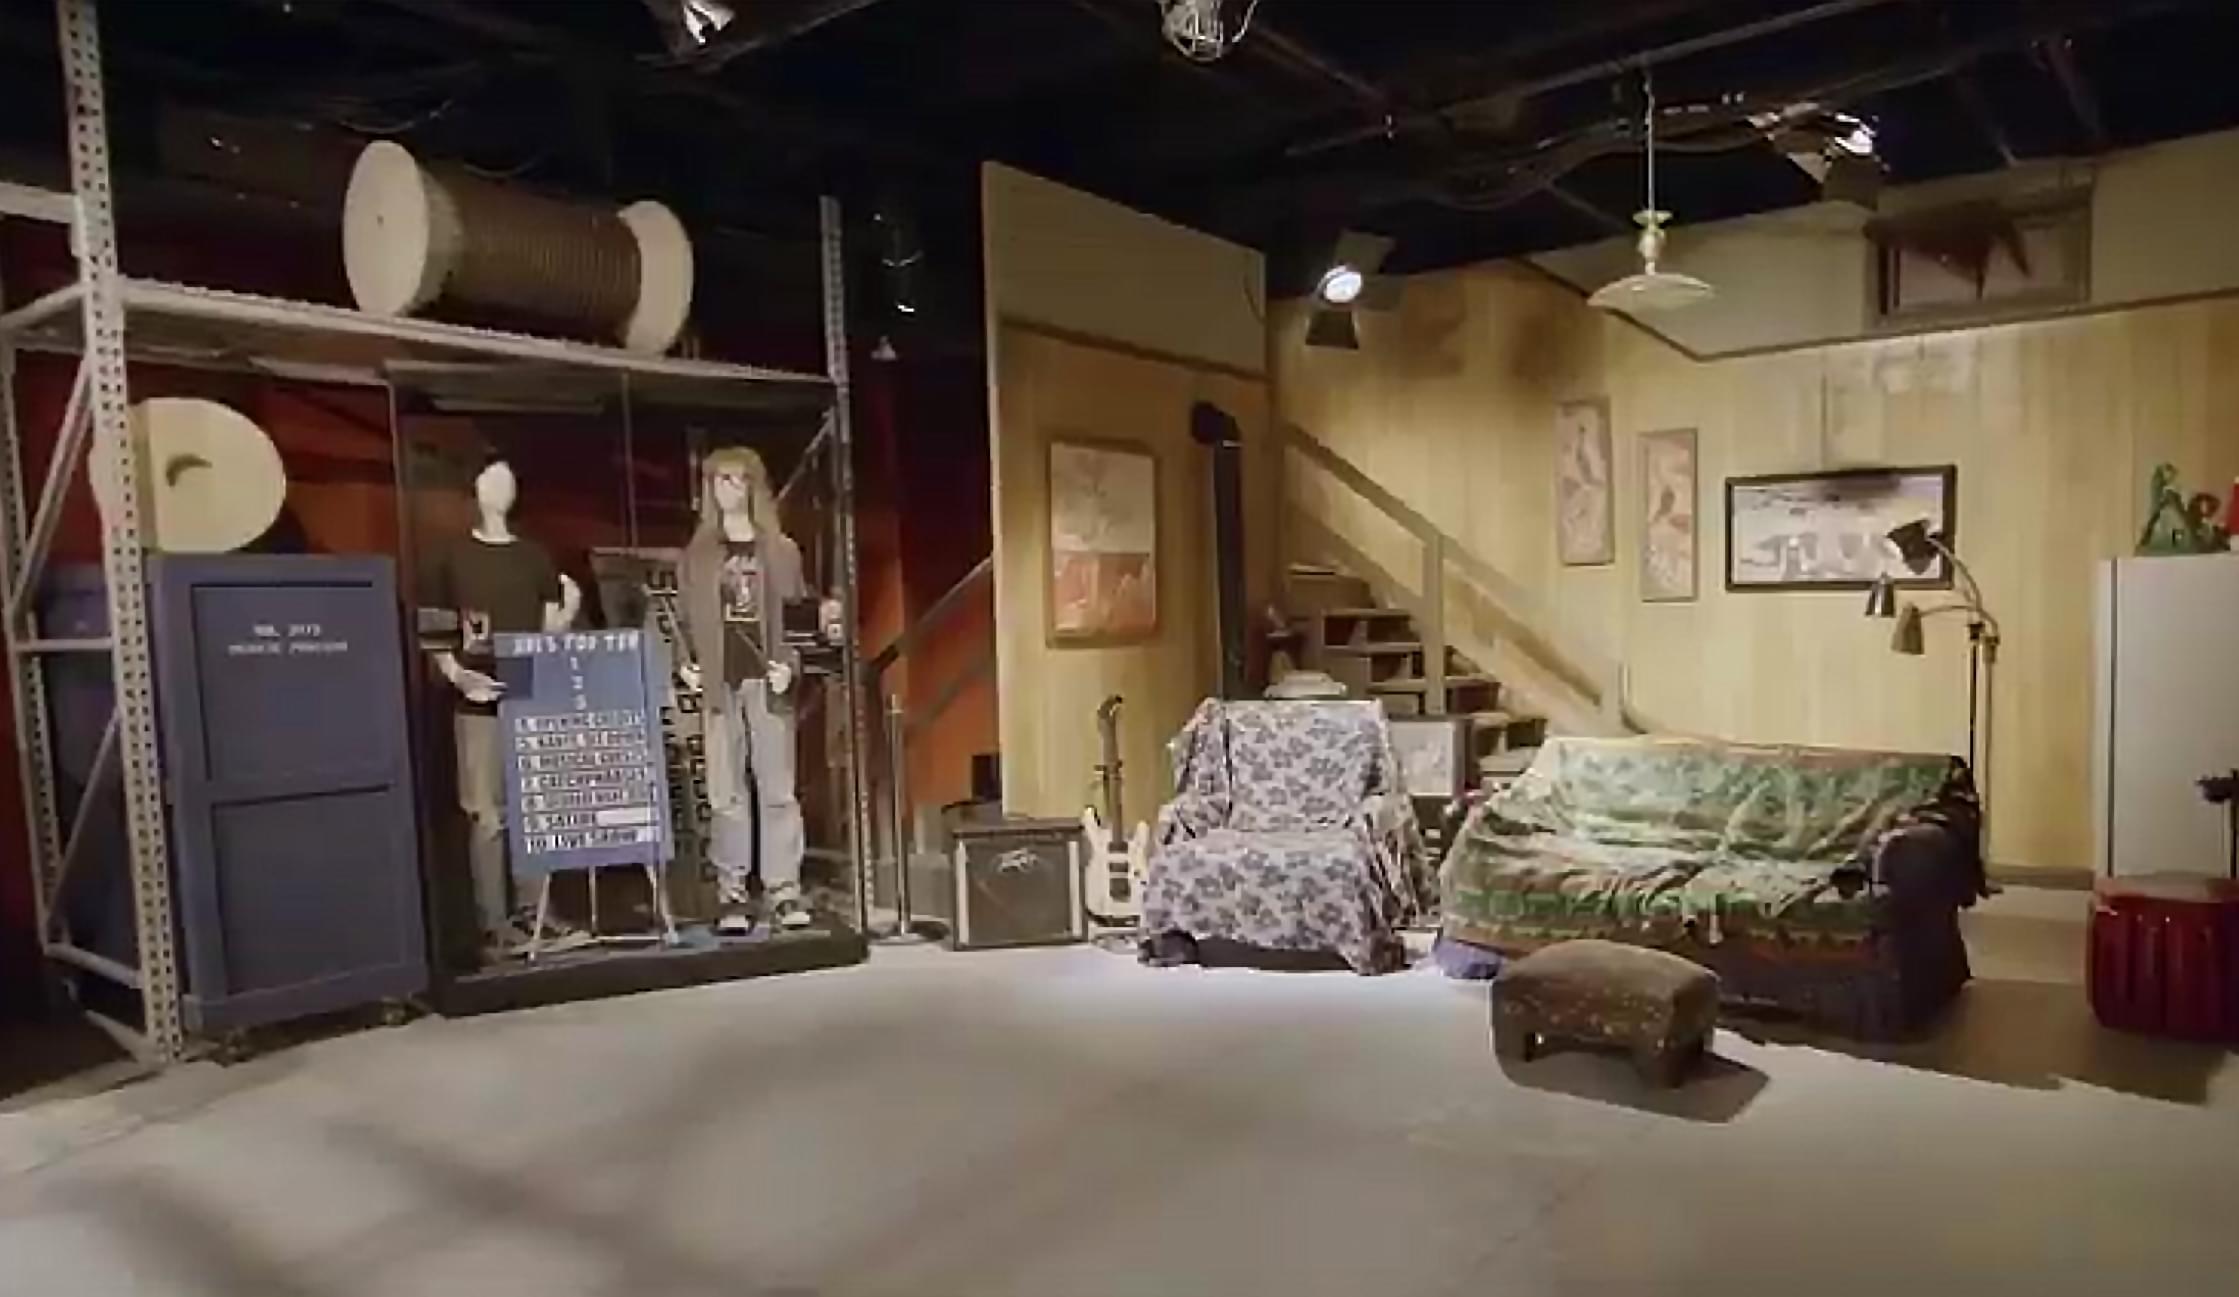 Saturday Night Live Exhibit is sticking around until March